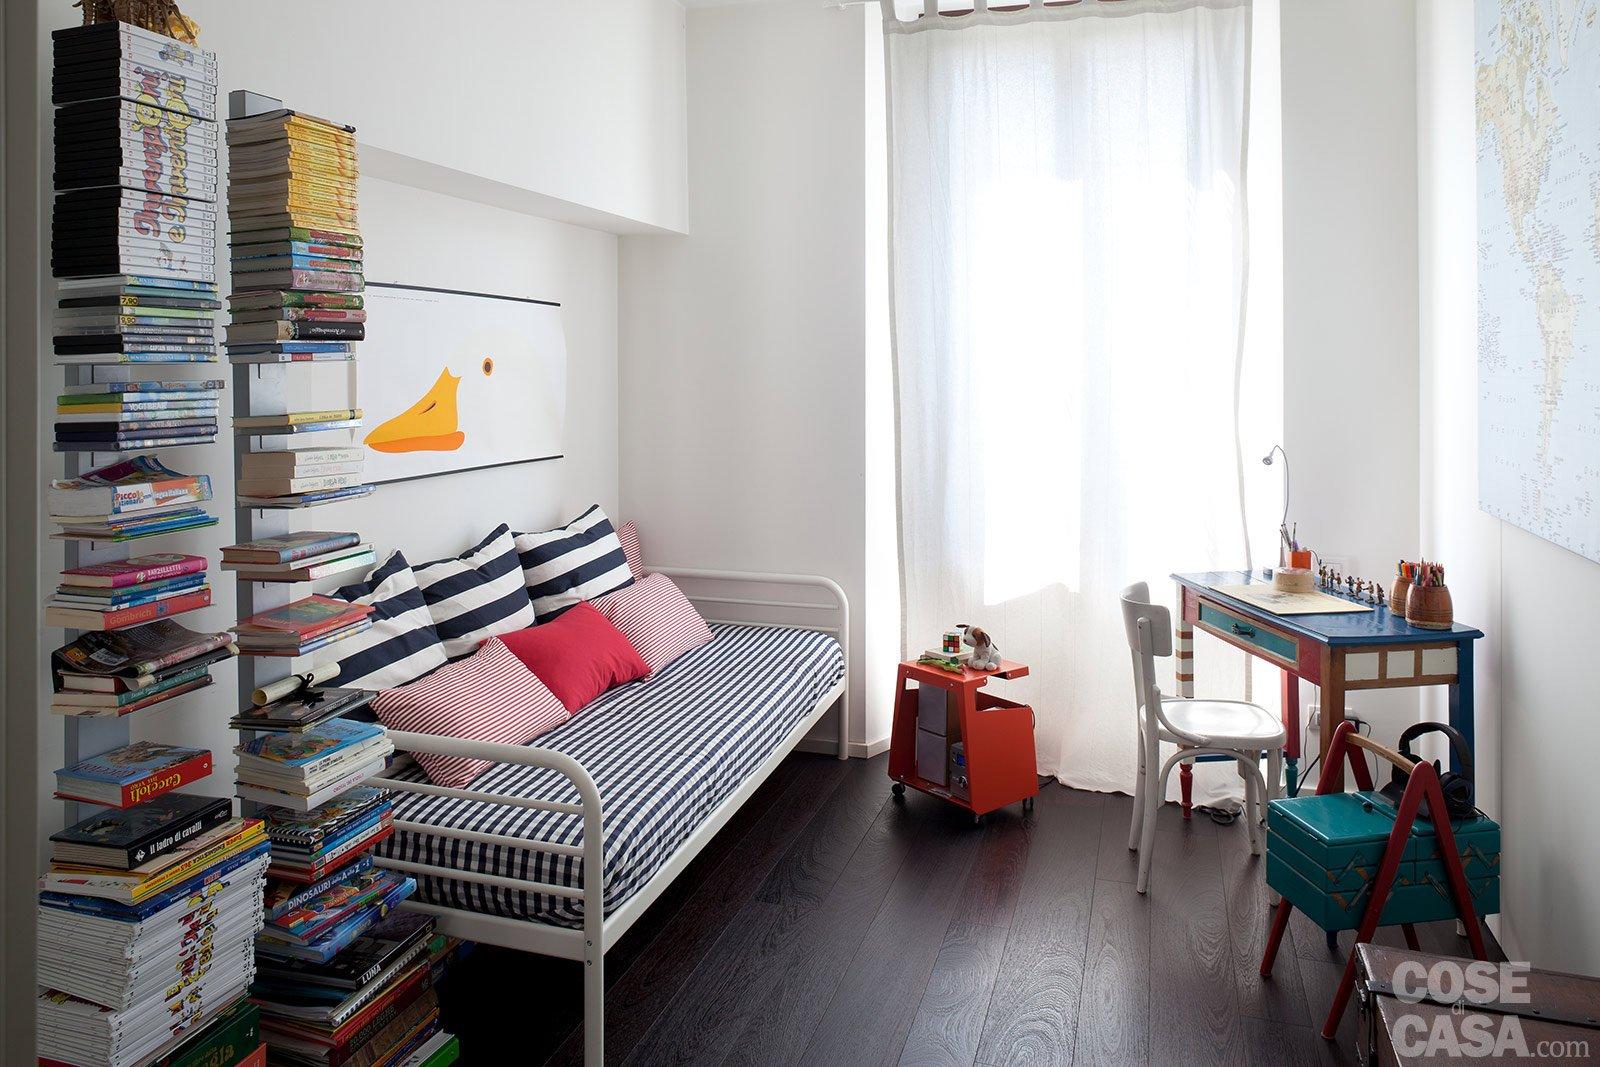 70 mq la casa migliora cos cose di casa for Camera da letto e studio